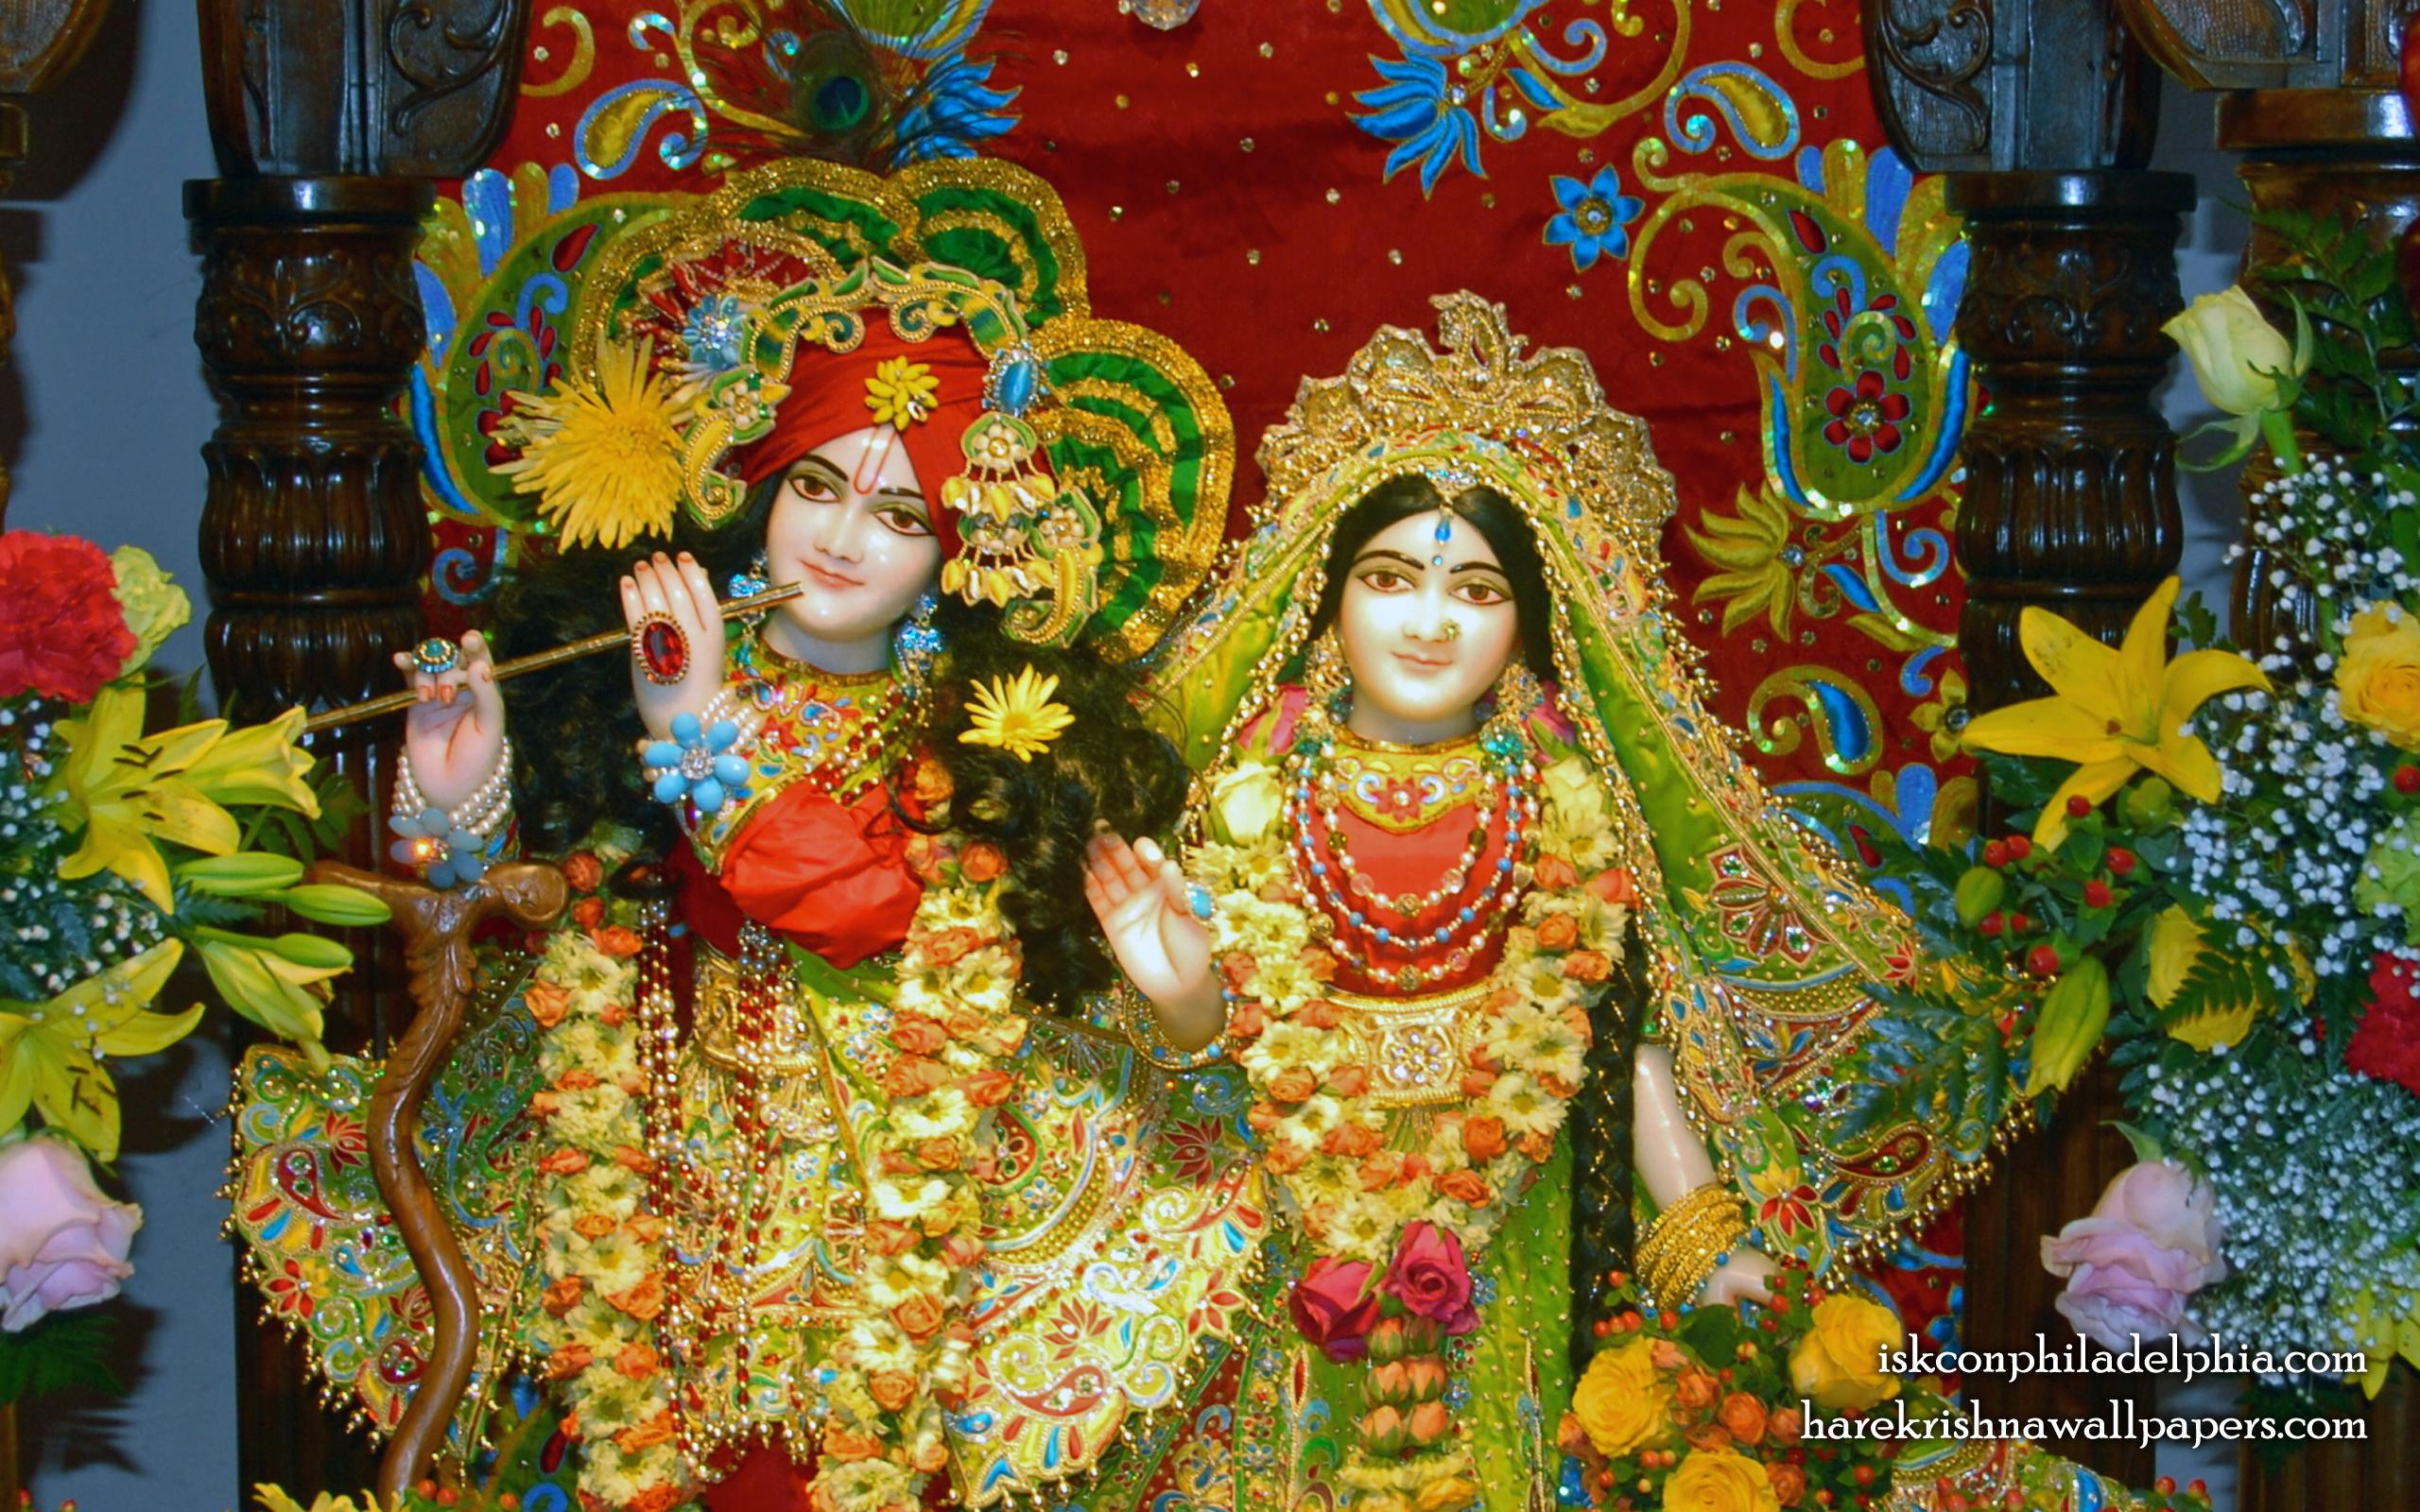 Sri Sri Radha Krishna Close up Wallpaper (014) Size 2560x1600 Download